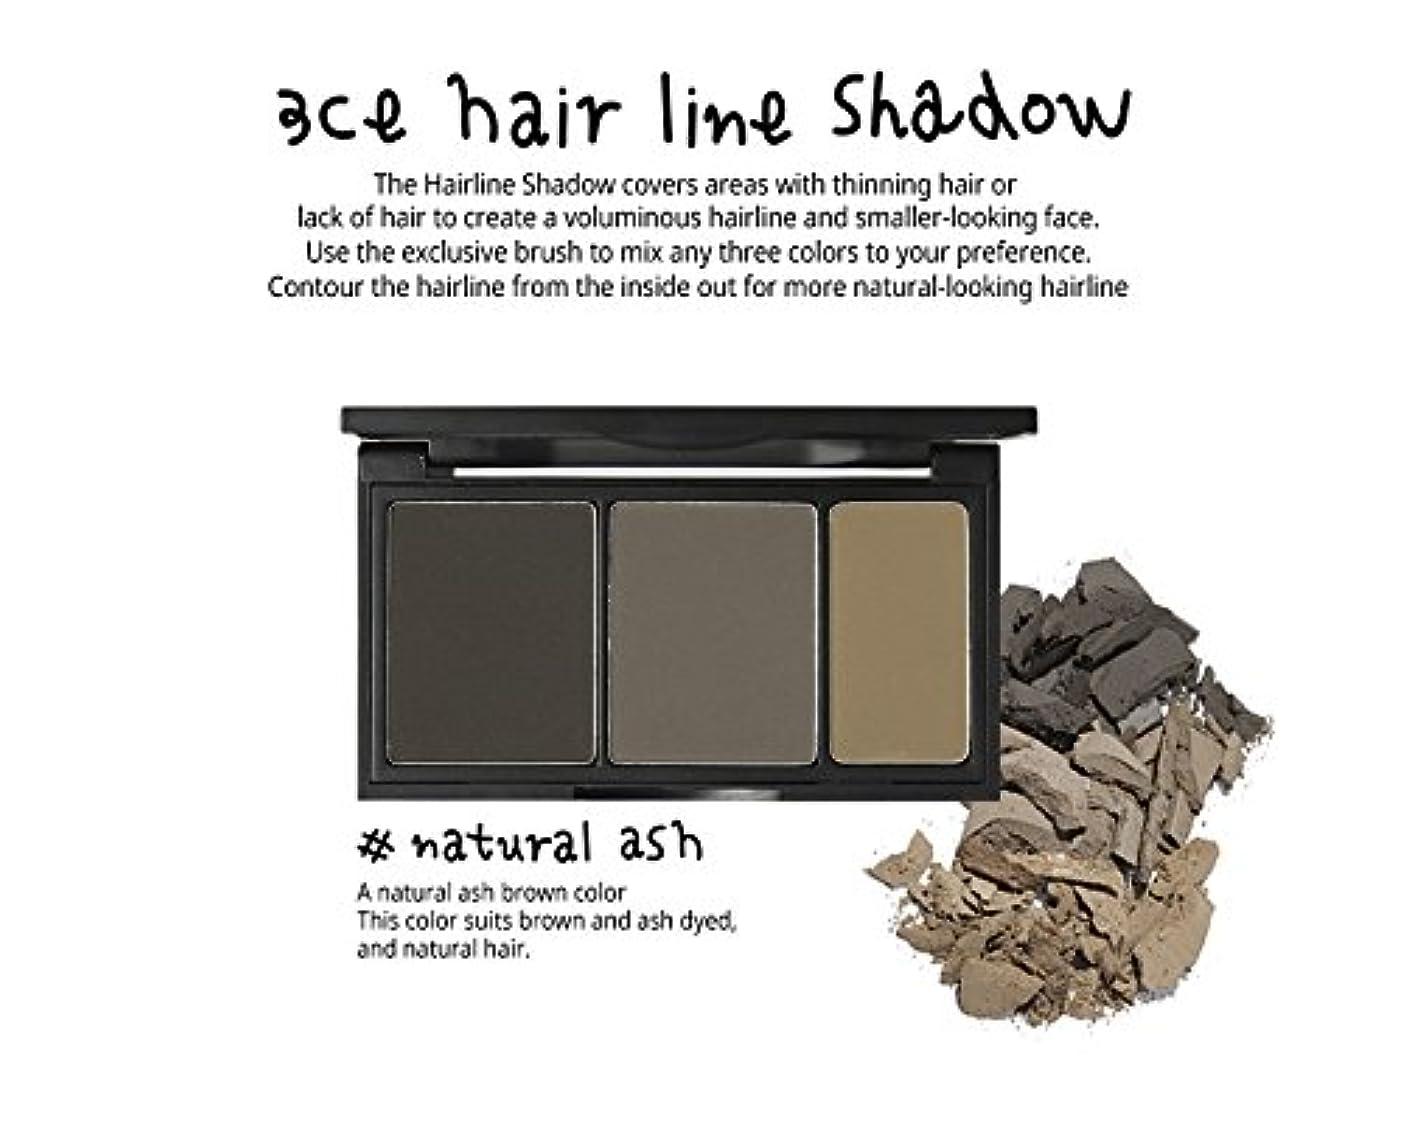 ペット中で骨髄3 Concept Eyes 3CE Hair Line Shadow ヘアラインシャドー(Natural Ash)